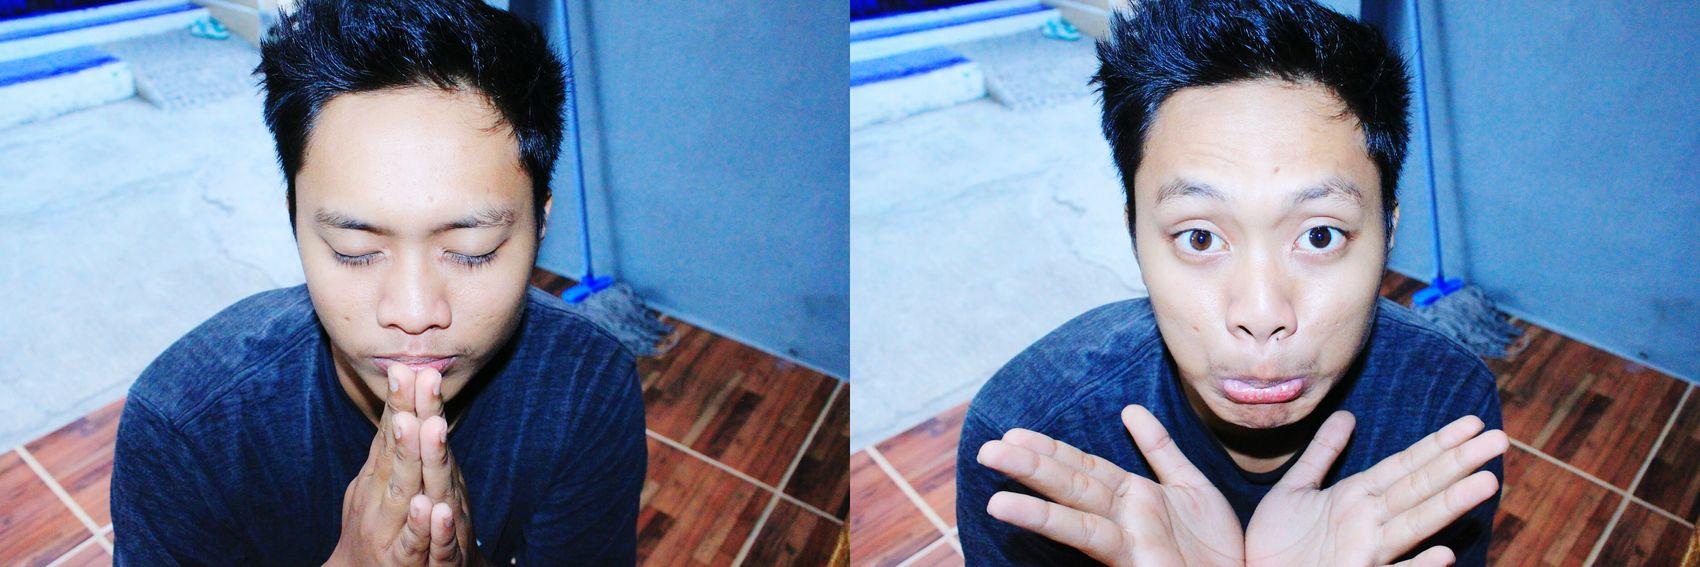 First Eyeem Photo It's Me My Life My Adventure ciluuuuk baaaaaa hahaha Shoot Time